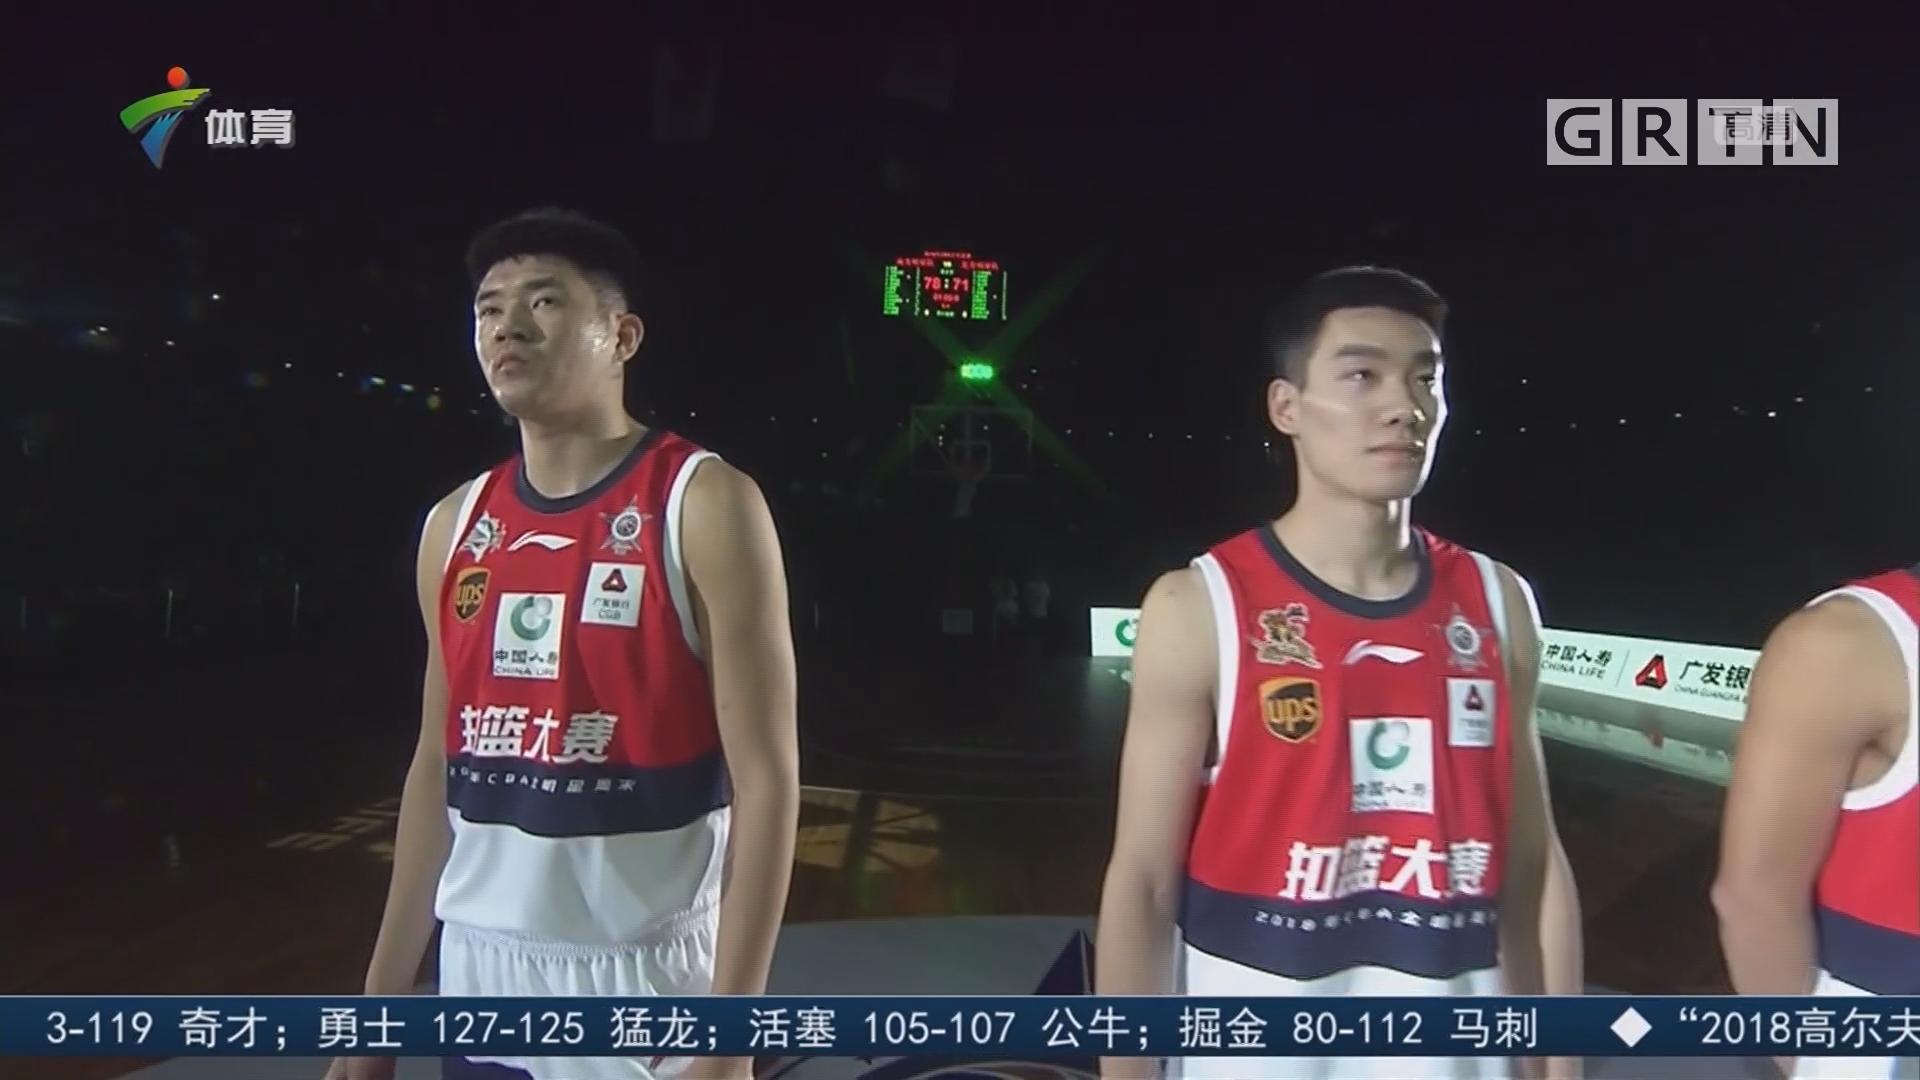 广工选手张建豪荣膺扣篮王